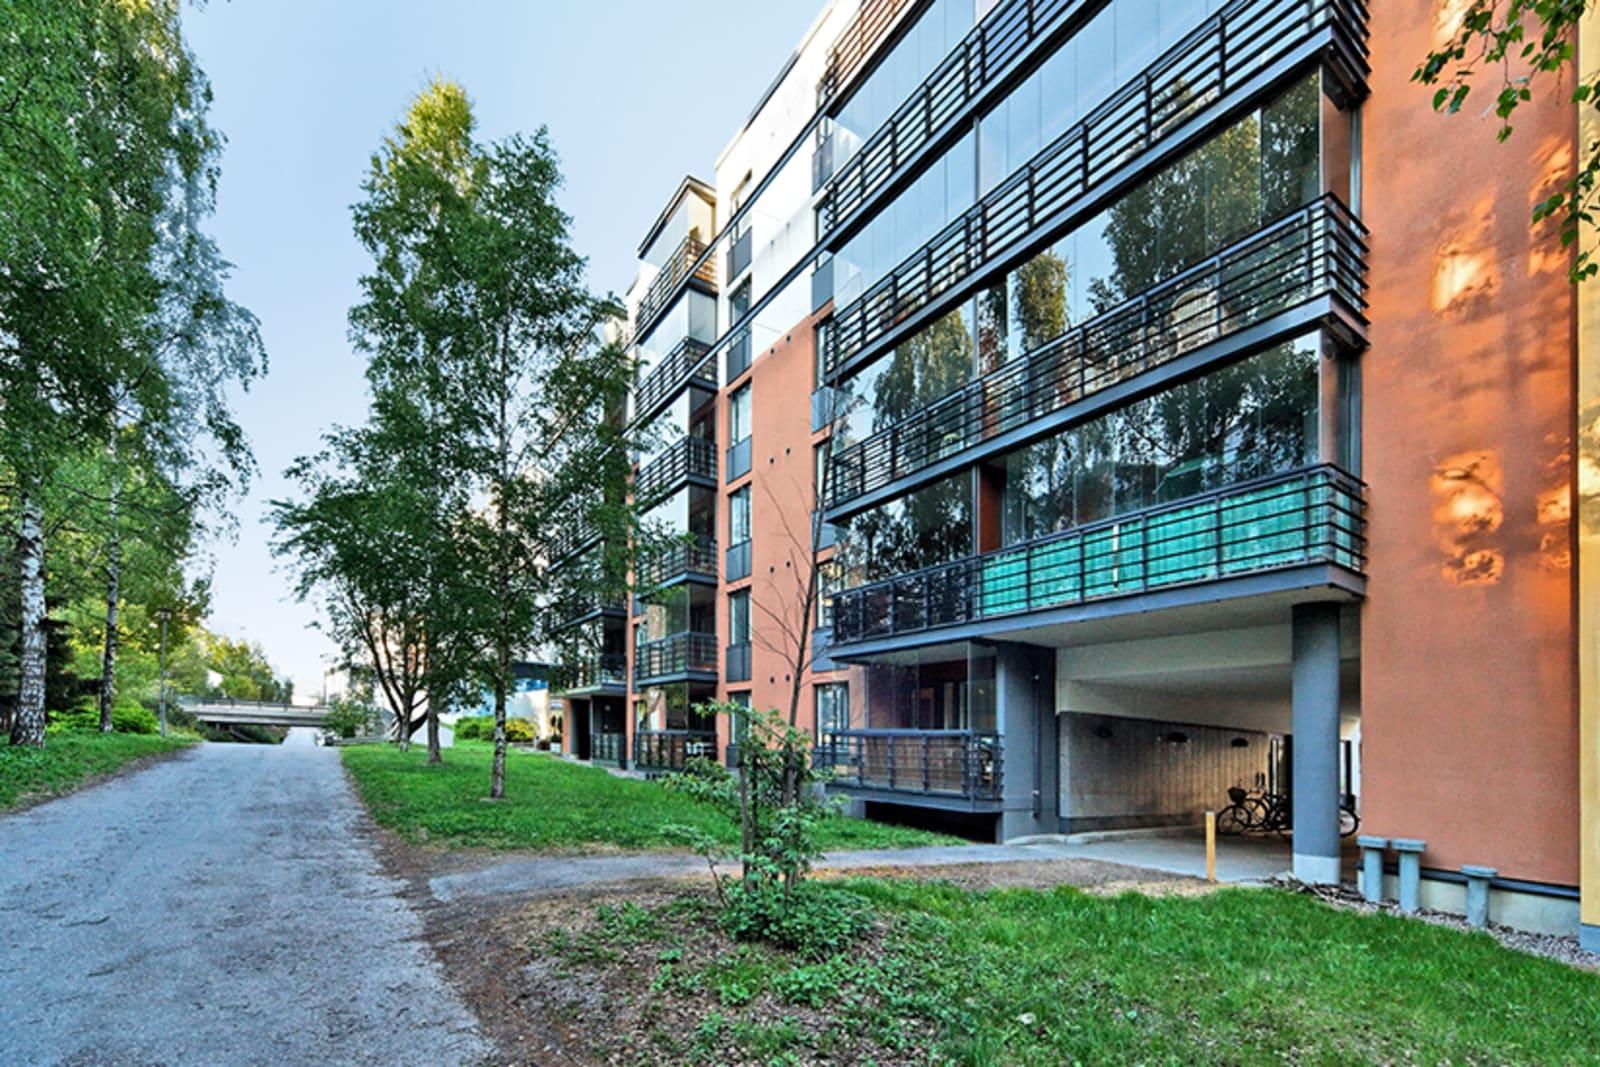 Helsinki, Pitäjänmäki, Purotie 3, Talin puistotie 4